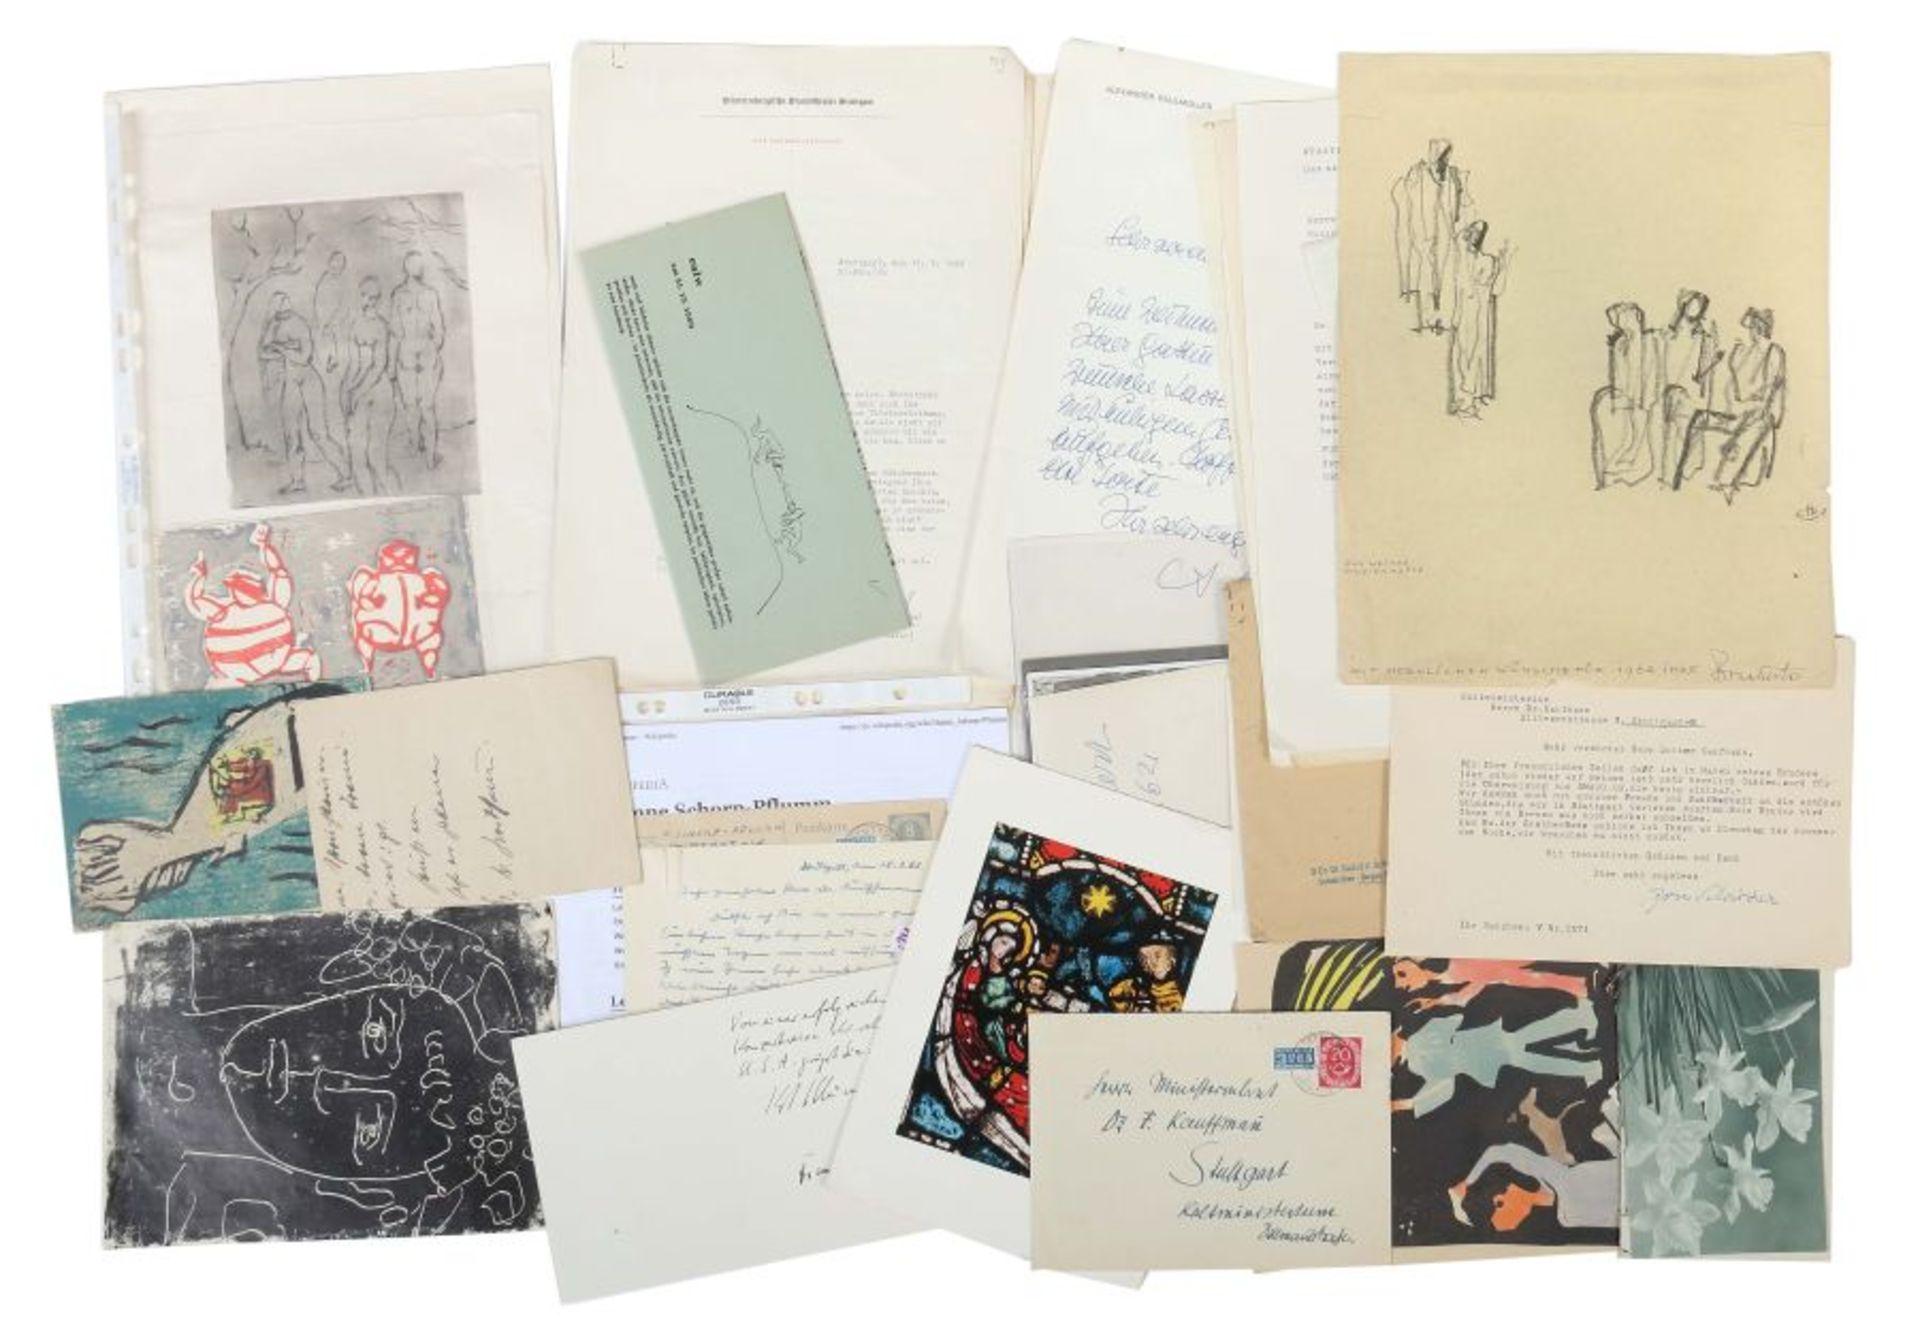 Künstlerkorrespondenzen Hand-/maschinengeschriebene Karten und Briefe u.a. von Strich-Chapell,